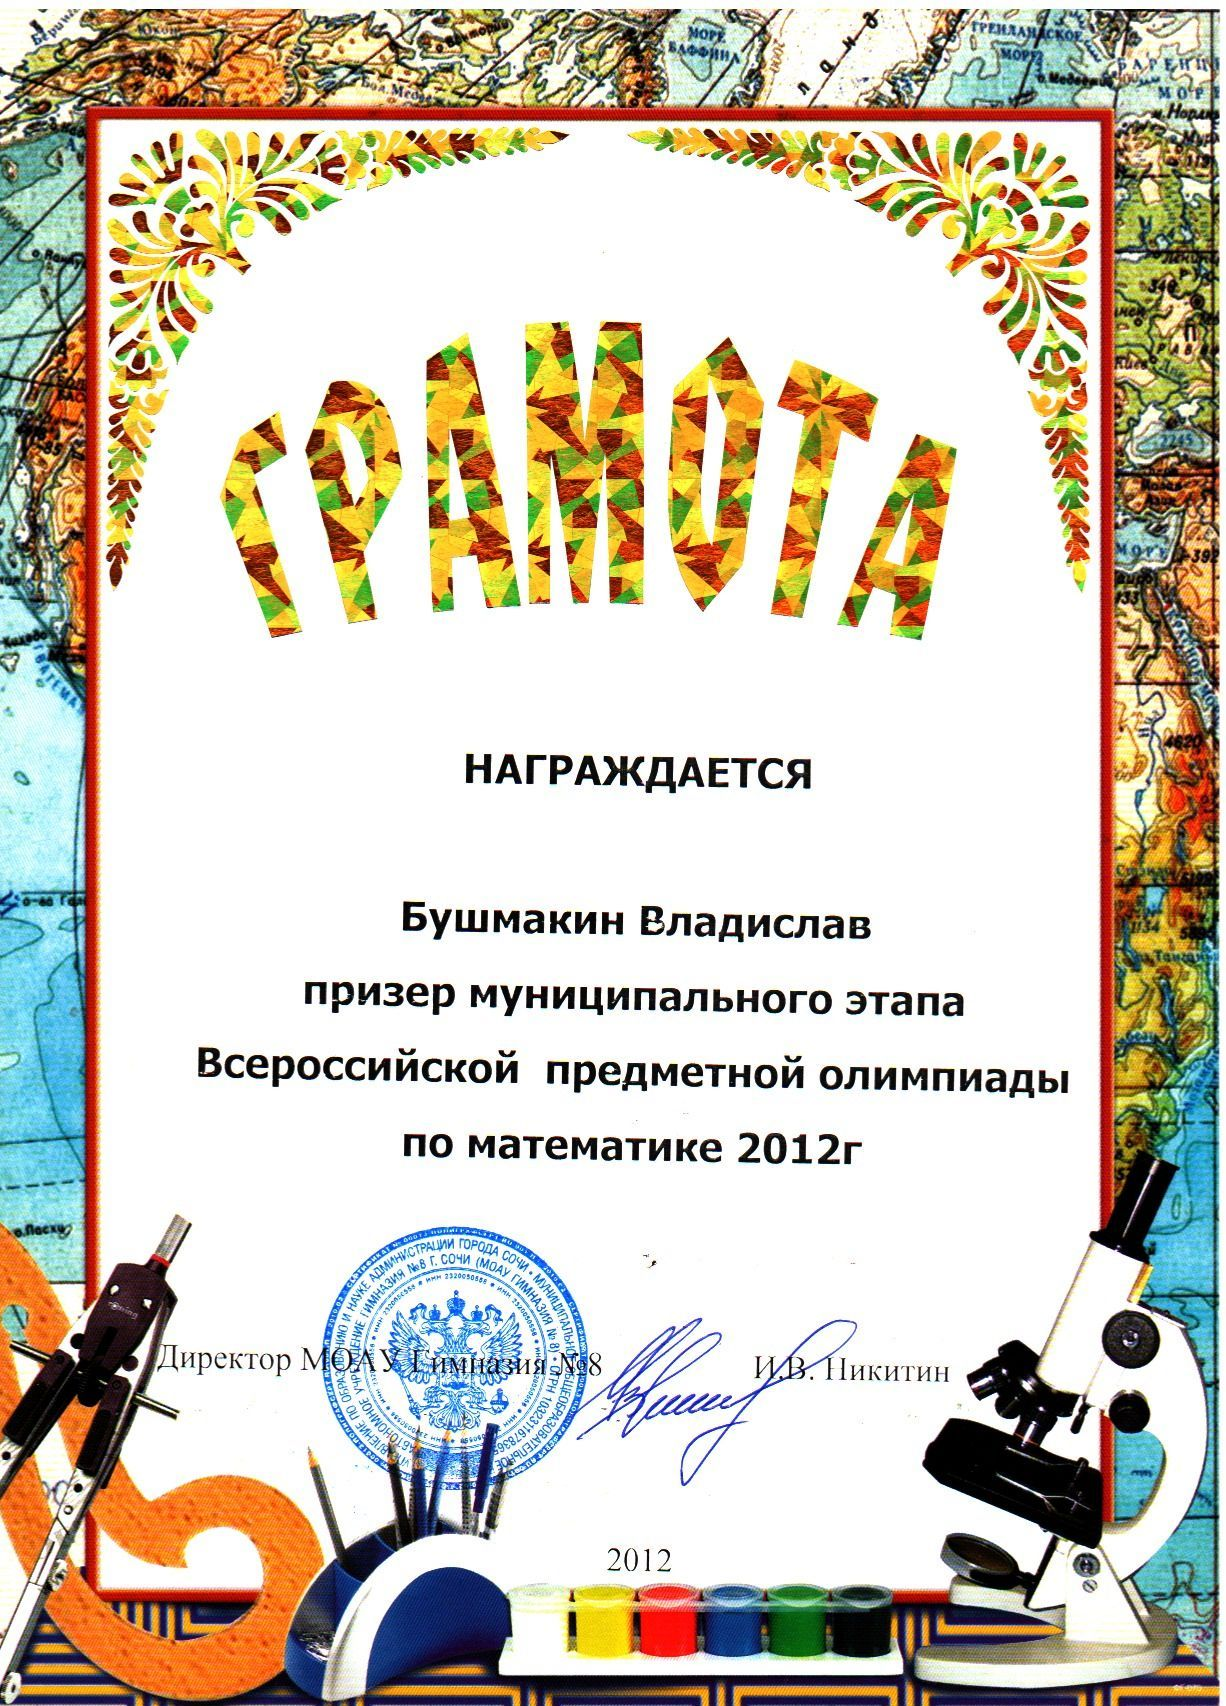 Олимпиады и конкурсы для школьников в рф